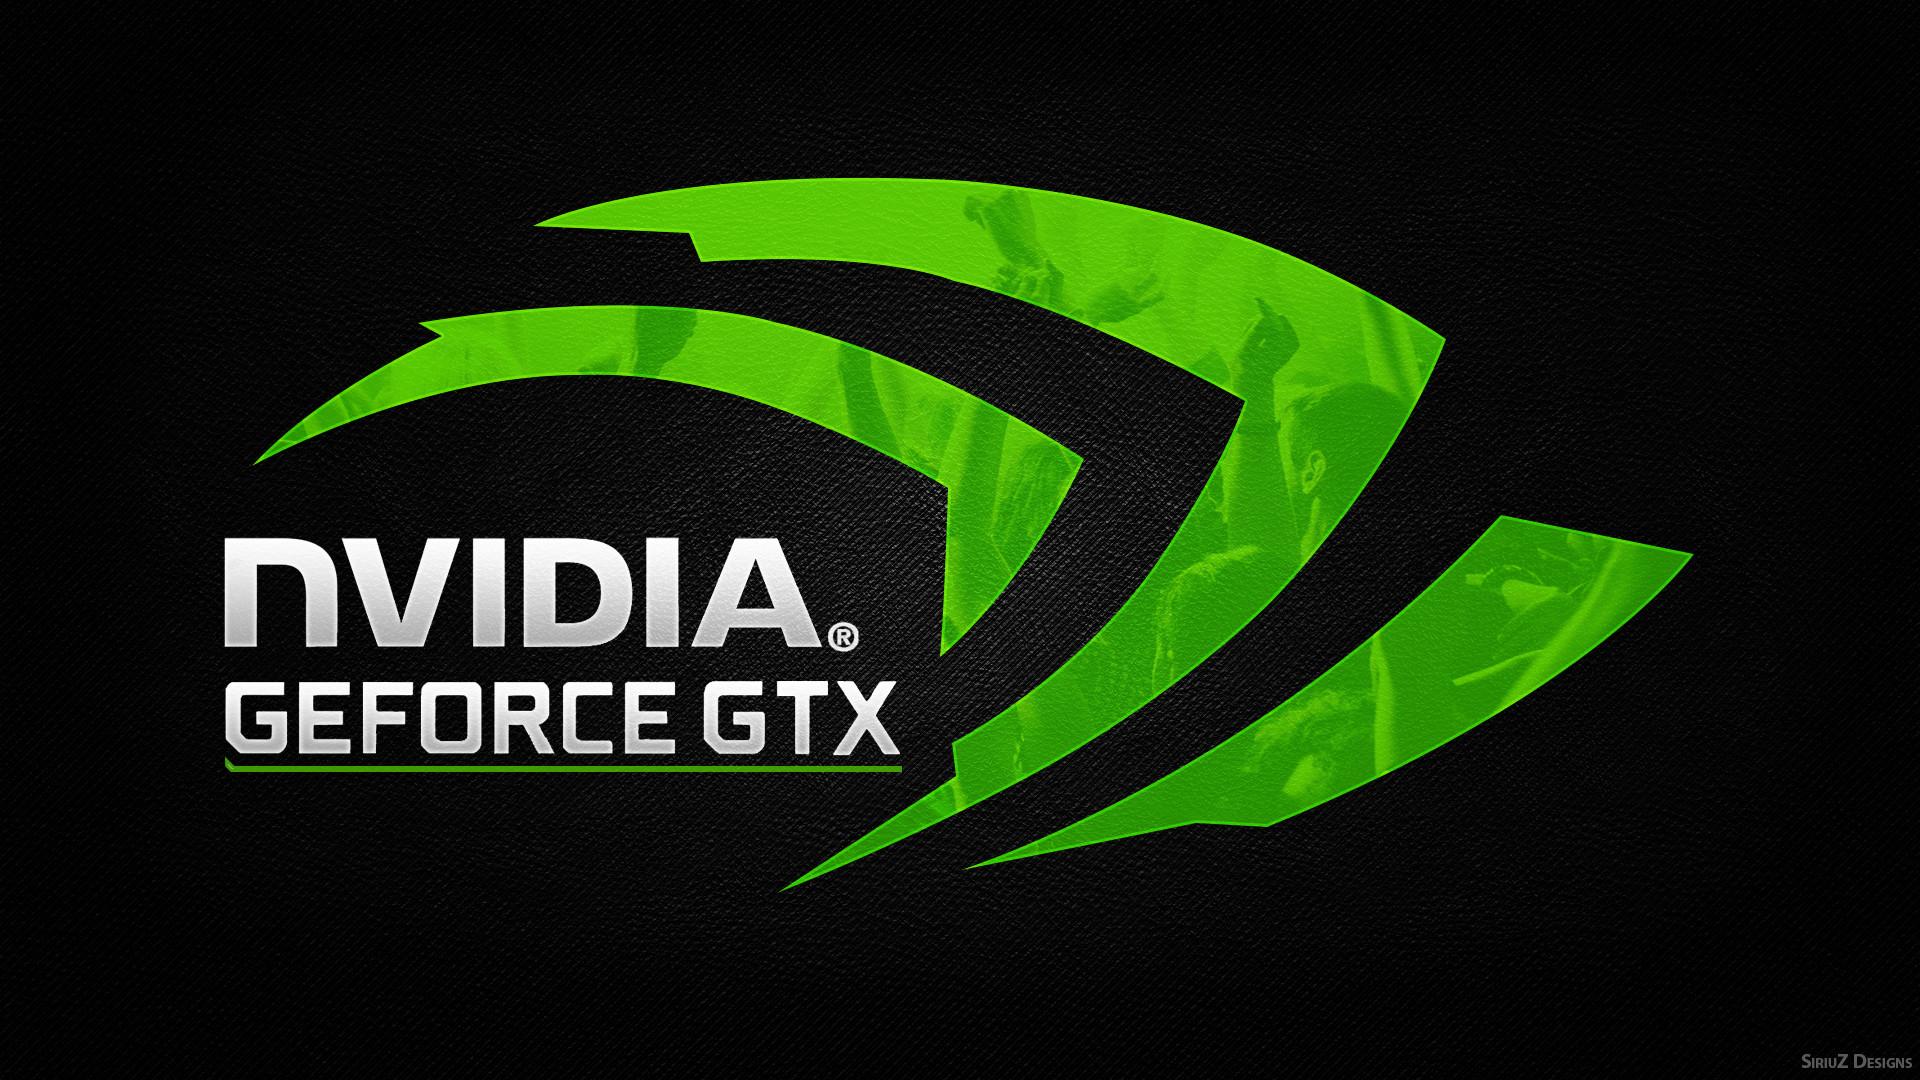 Nvidia wallpaper 1920x1080 hd 82 images - 1920x1080 wallpaper nvidia ...